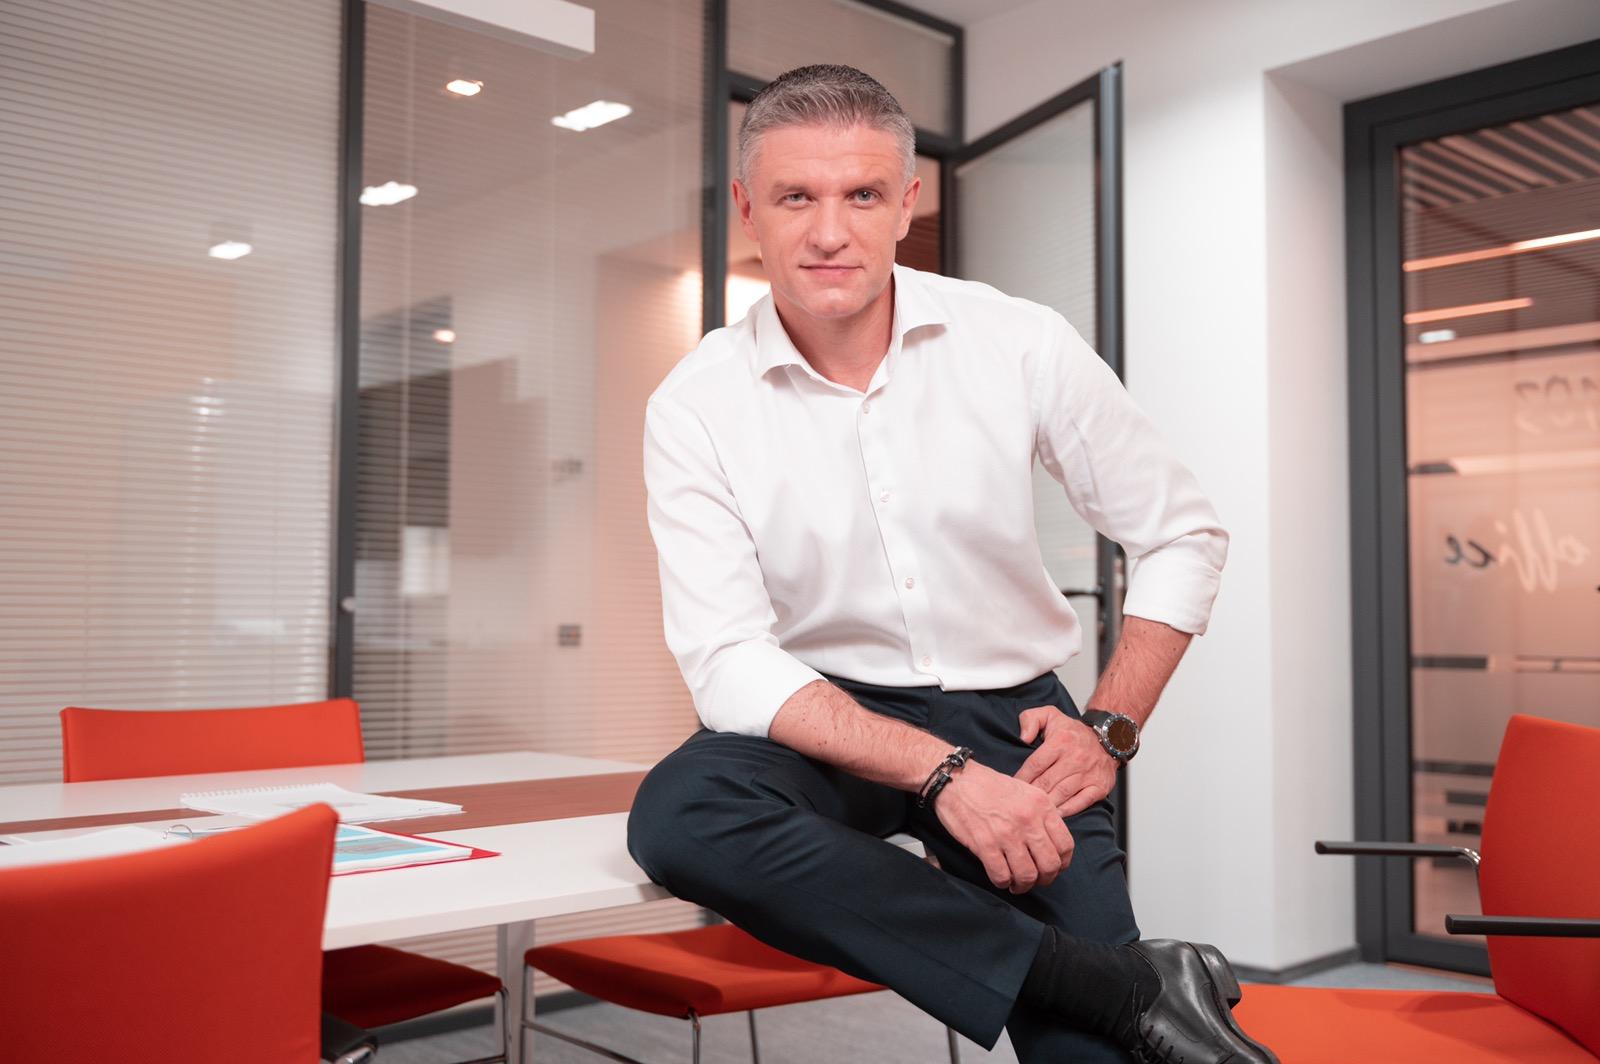 «Скорее всего, мы получим вакцину в 2021 году», – Дмитрий Шимкив, глава совета директоров Darnitsa Group